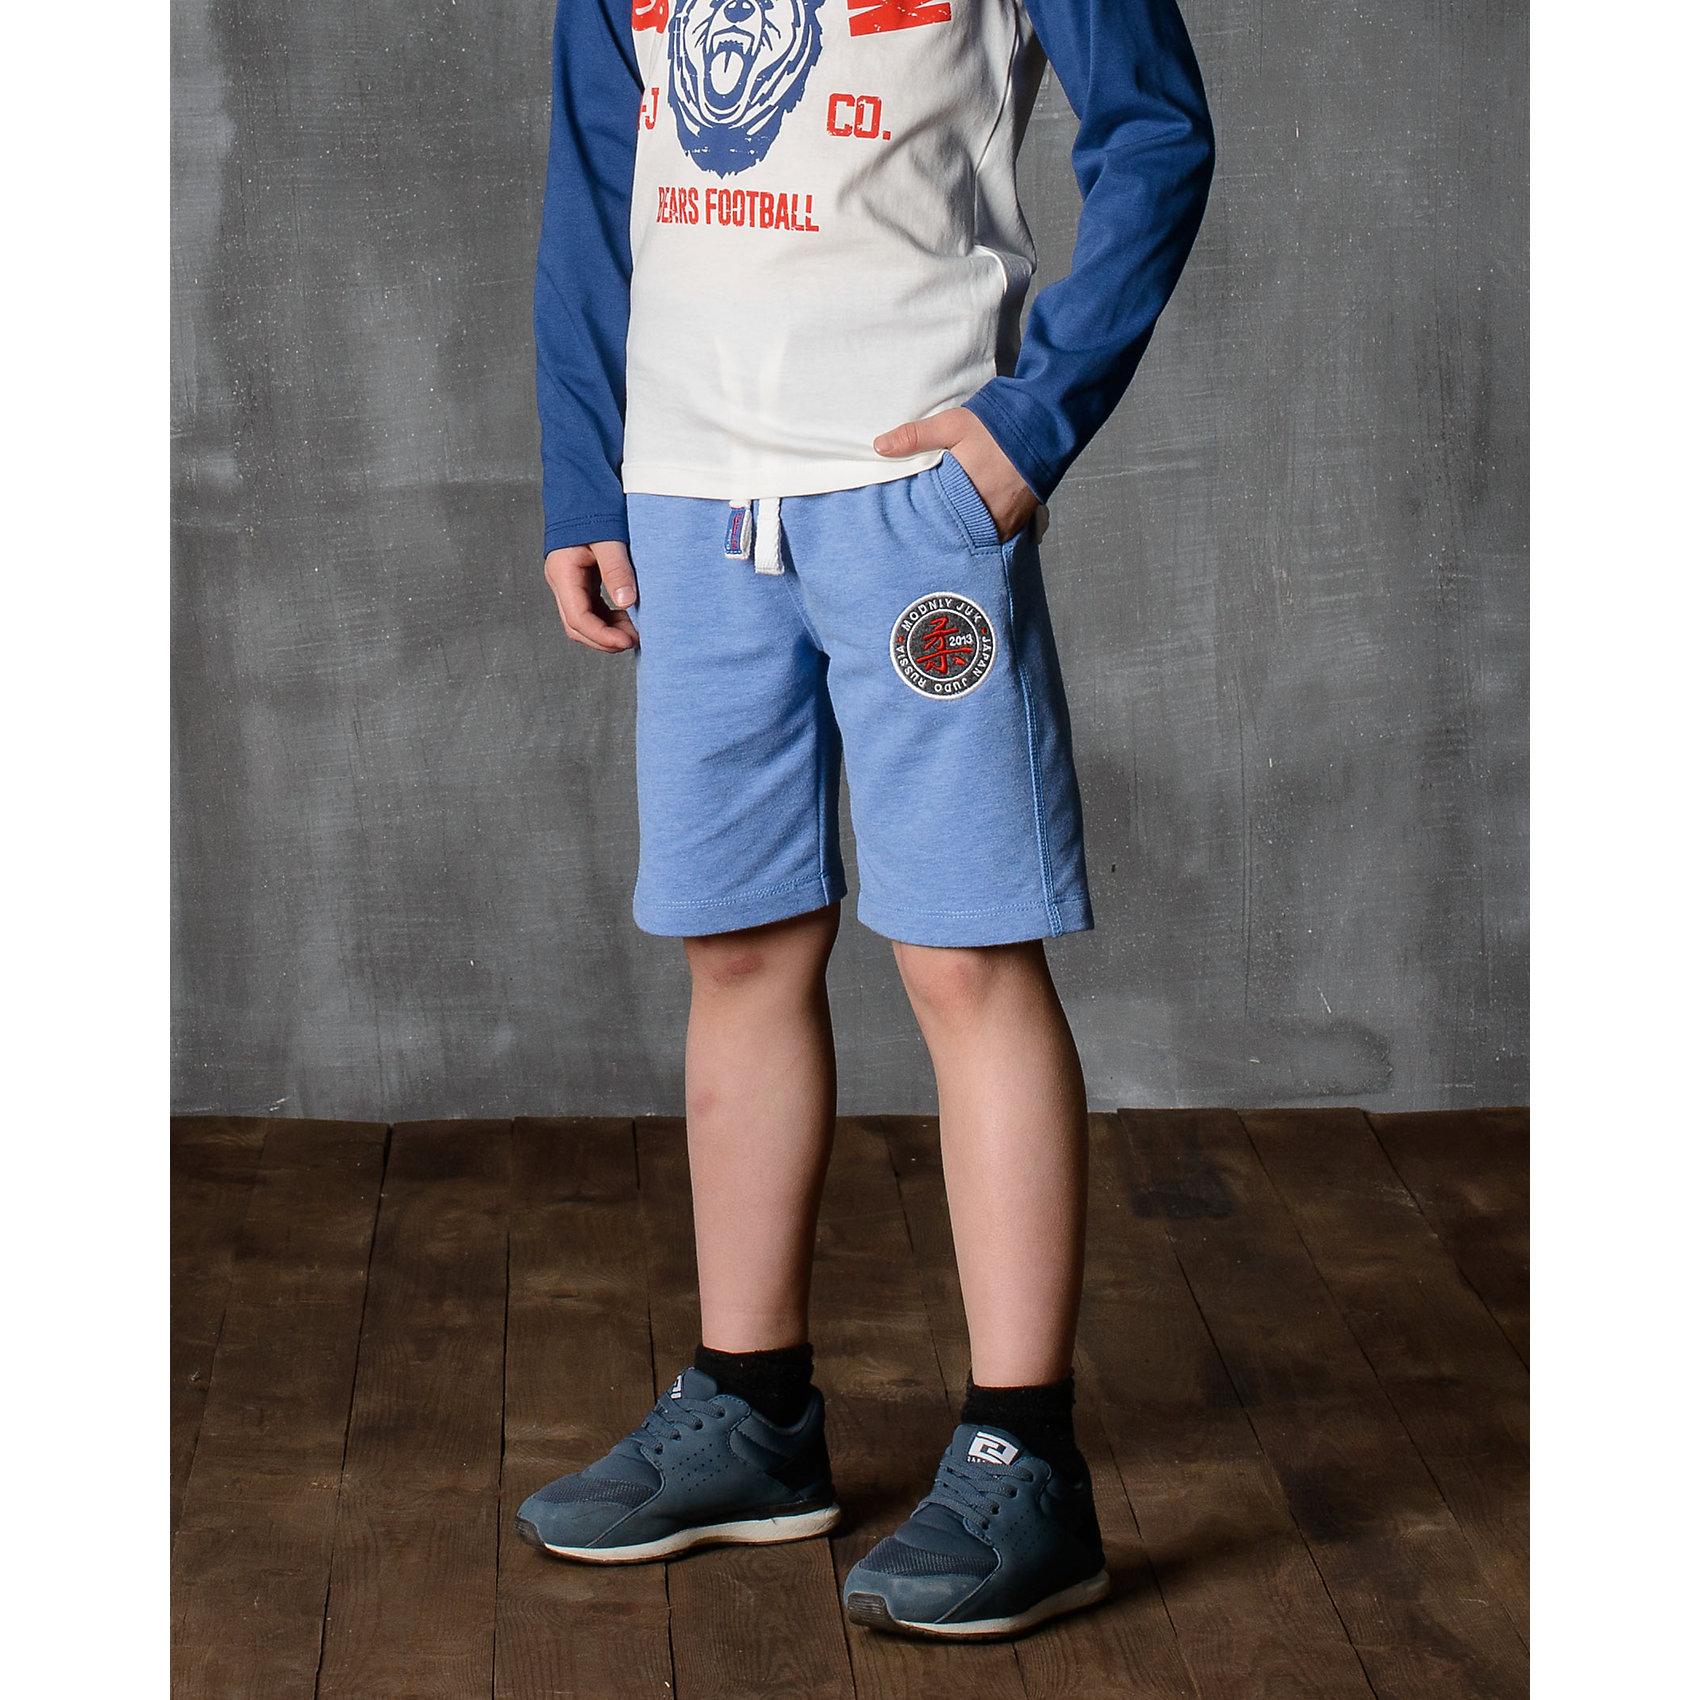 Шорты для мальчика Modniy JukШорты, бриджи, капри<br>Характеристики товара:<br><br>• цвет: голубой<br>• состав: 70% хлопок, 30% полиэстер<br>• спортивный силуэт<br>• дышащий материал<br>• пояс - мягкая резинка<br>• логотип<br>• шнурок в поясе<br><br>• страна бренда: Российская Федерация<br>• страна производства: Российская Федерация<br><br>Модели одежды из новой коллекции от бренда Модный жук - это стильные и удобные вещи, созданные специально для детей. Они отличаются продуманным дизайном, качественными материалами и комфортной посадкой. Дети носят их с удовольствием! Стильные шорты спортивного силуэта - хит сезона, отличный вариант базовой вещи для теплой погоды. Они отлично сочетаются с майками, футболками, куртками. Хорошо сидят по фигуре.<br>Одежда и аксессуары от российского бренда Модный жук - это способ пополнить гардероб ребенка модными изделиями по доступной цене. Для их производства используются только безопасные, проверенные материалы и фурнитура. Новая коллекция поддерживает хорошие традиции бренда! <br><br>Шорты для мальчика от популярного бренда Модный жук можно купить в нашем интернет-магазине.<br><br>Ширина мм: 191<br>Глубина мм: 10<br>Высота мм: 175<br>Вес г: 273<br>Цвет: голубой<br>Возраст от месяцев: 120<br>Возраст до месяцев: 132<br>Пол: Мужской<br>Возраст: Детский<br>Размер: 140/146,98/104,104/110,110/116,116/122,122/128,128/134,134/140<br>SKU: 5614154